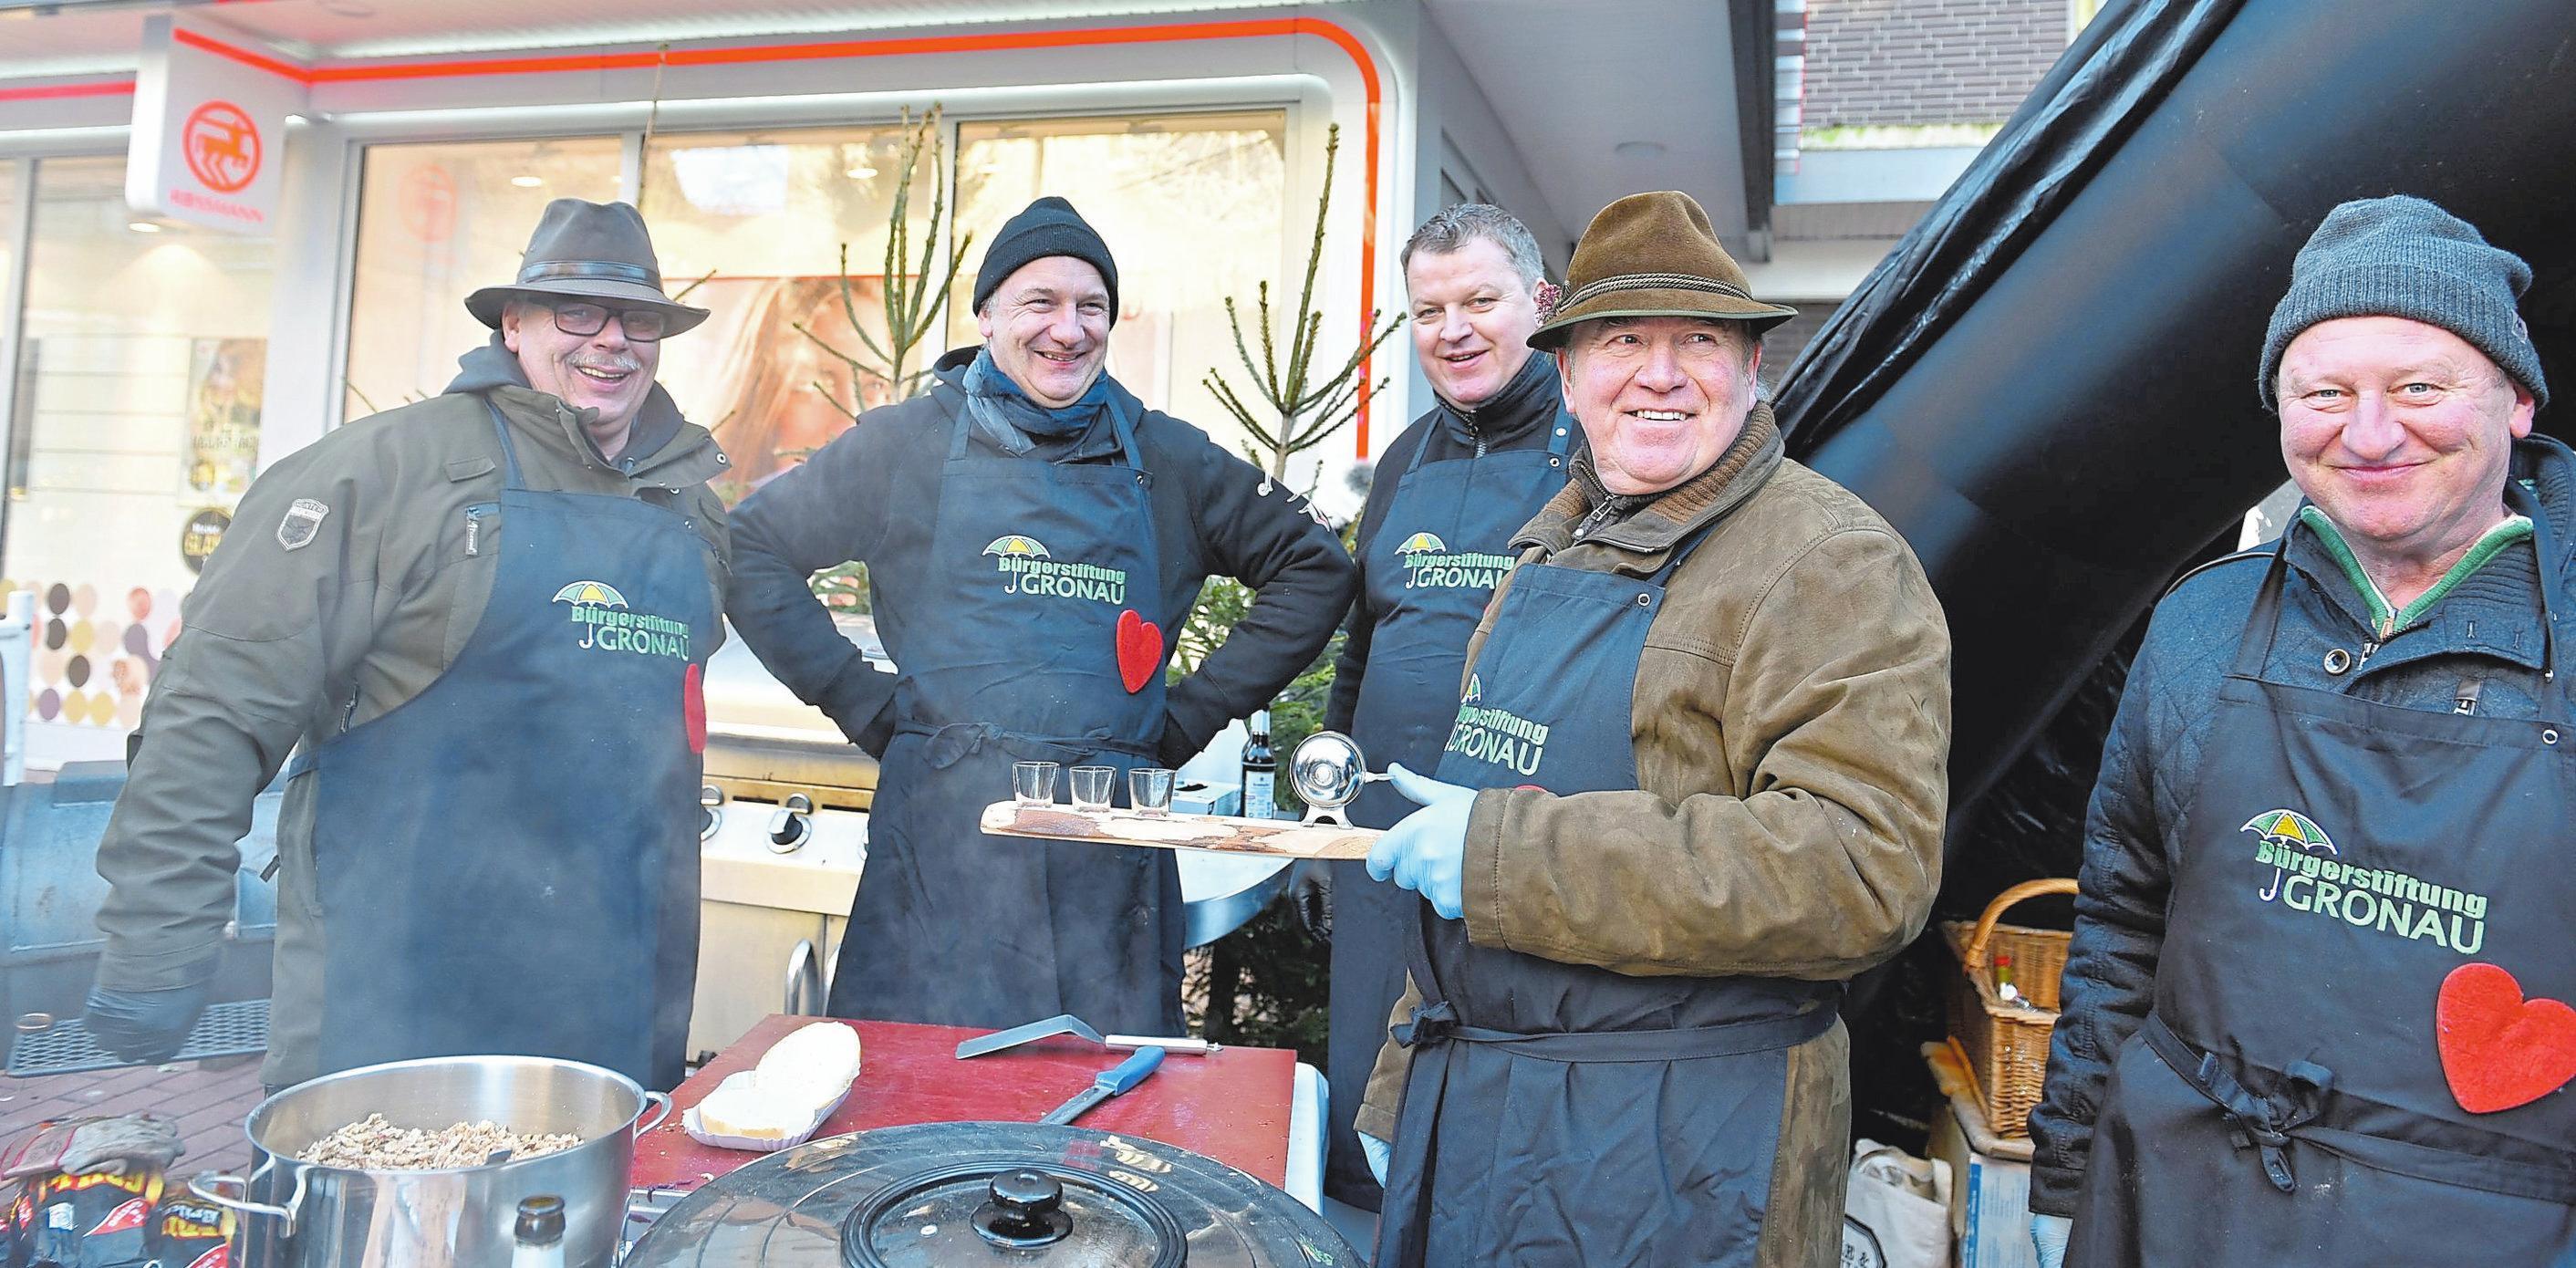 Der Weihnachtsmarkt lebt von der Initiative verschiedener Vereine und Gruppen Fotos: Hartmut Springer